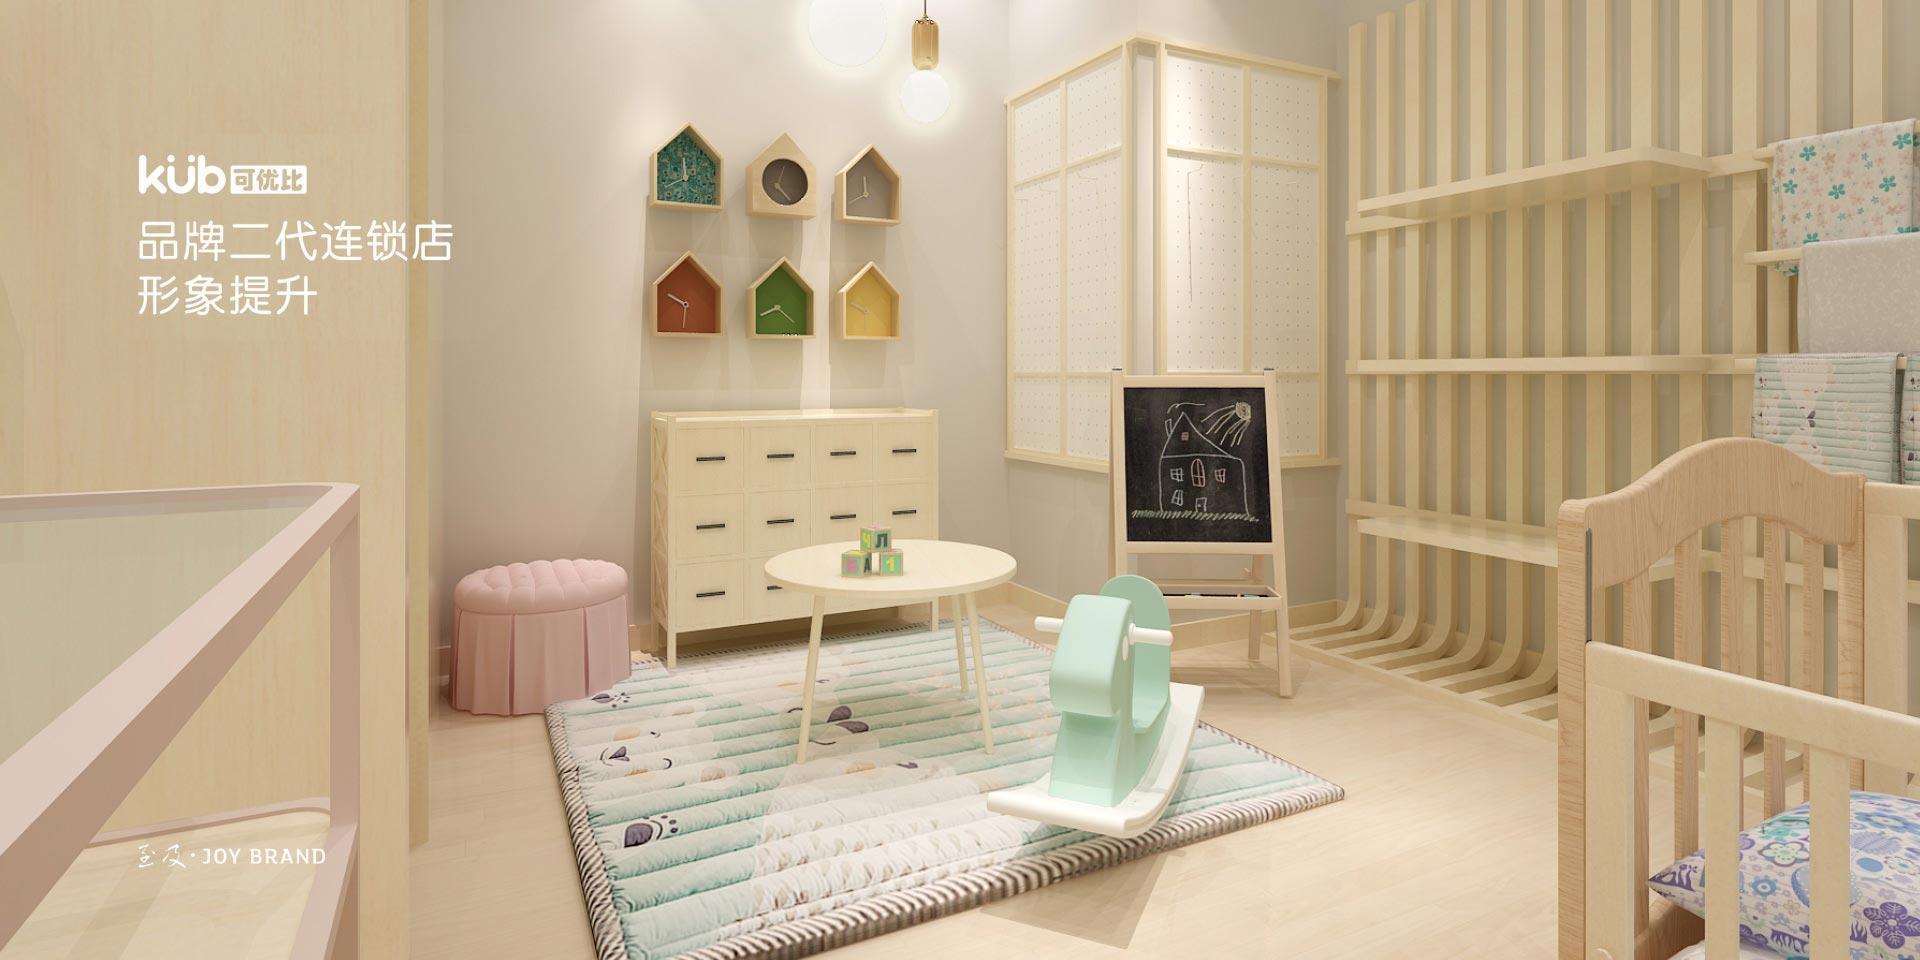 杭州空间设计